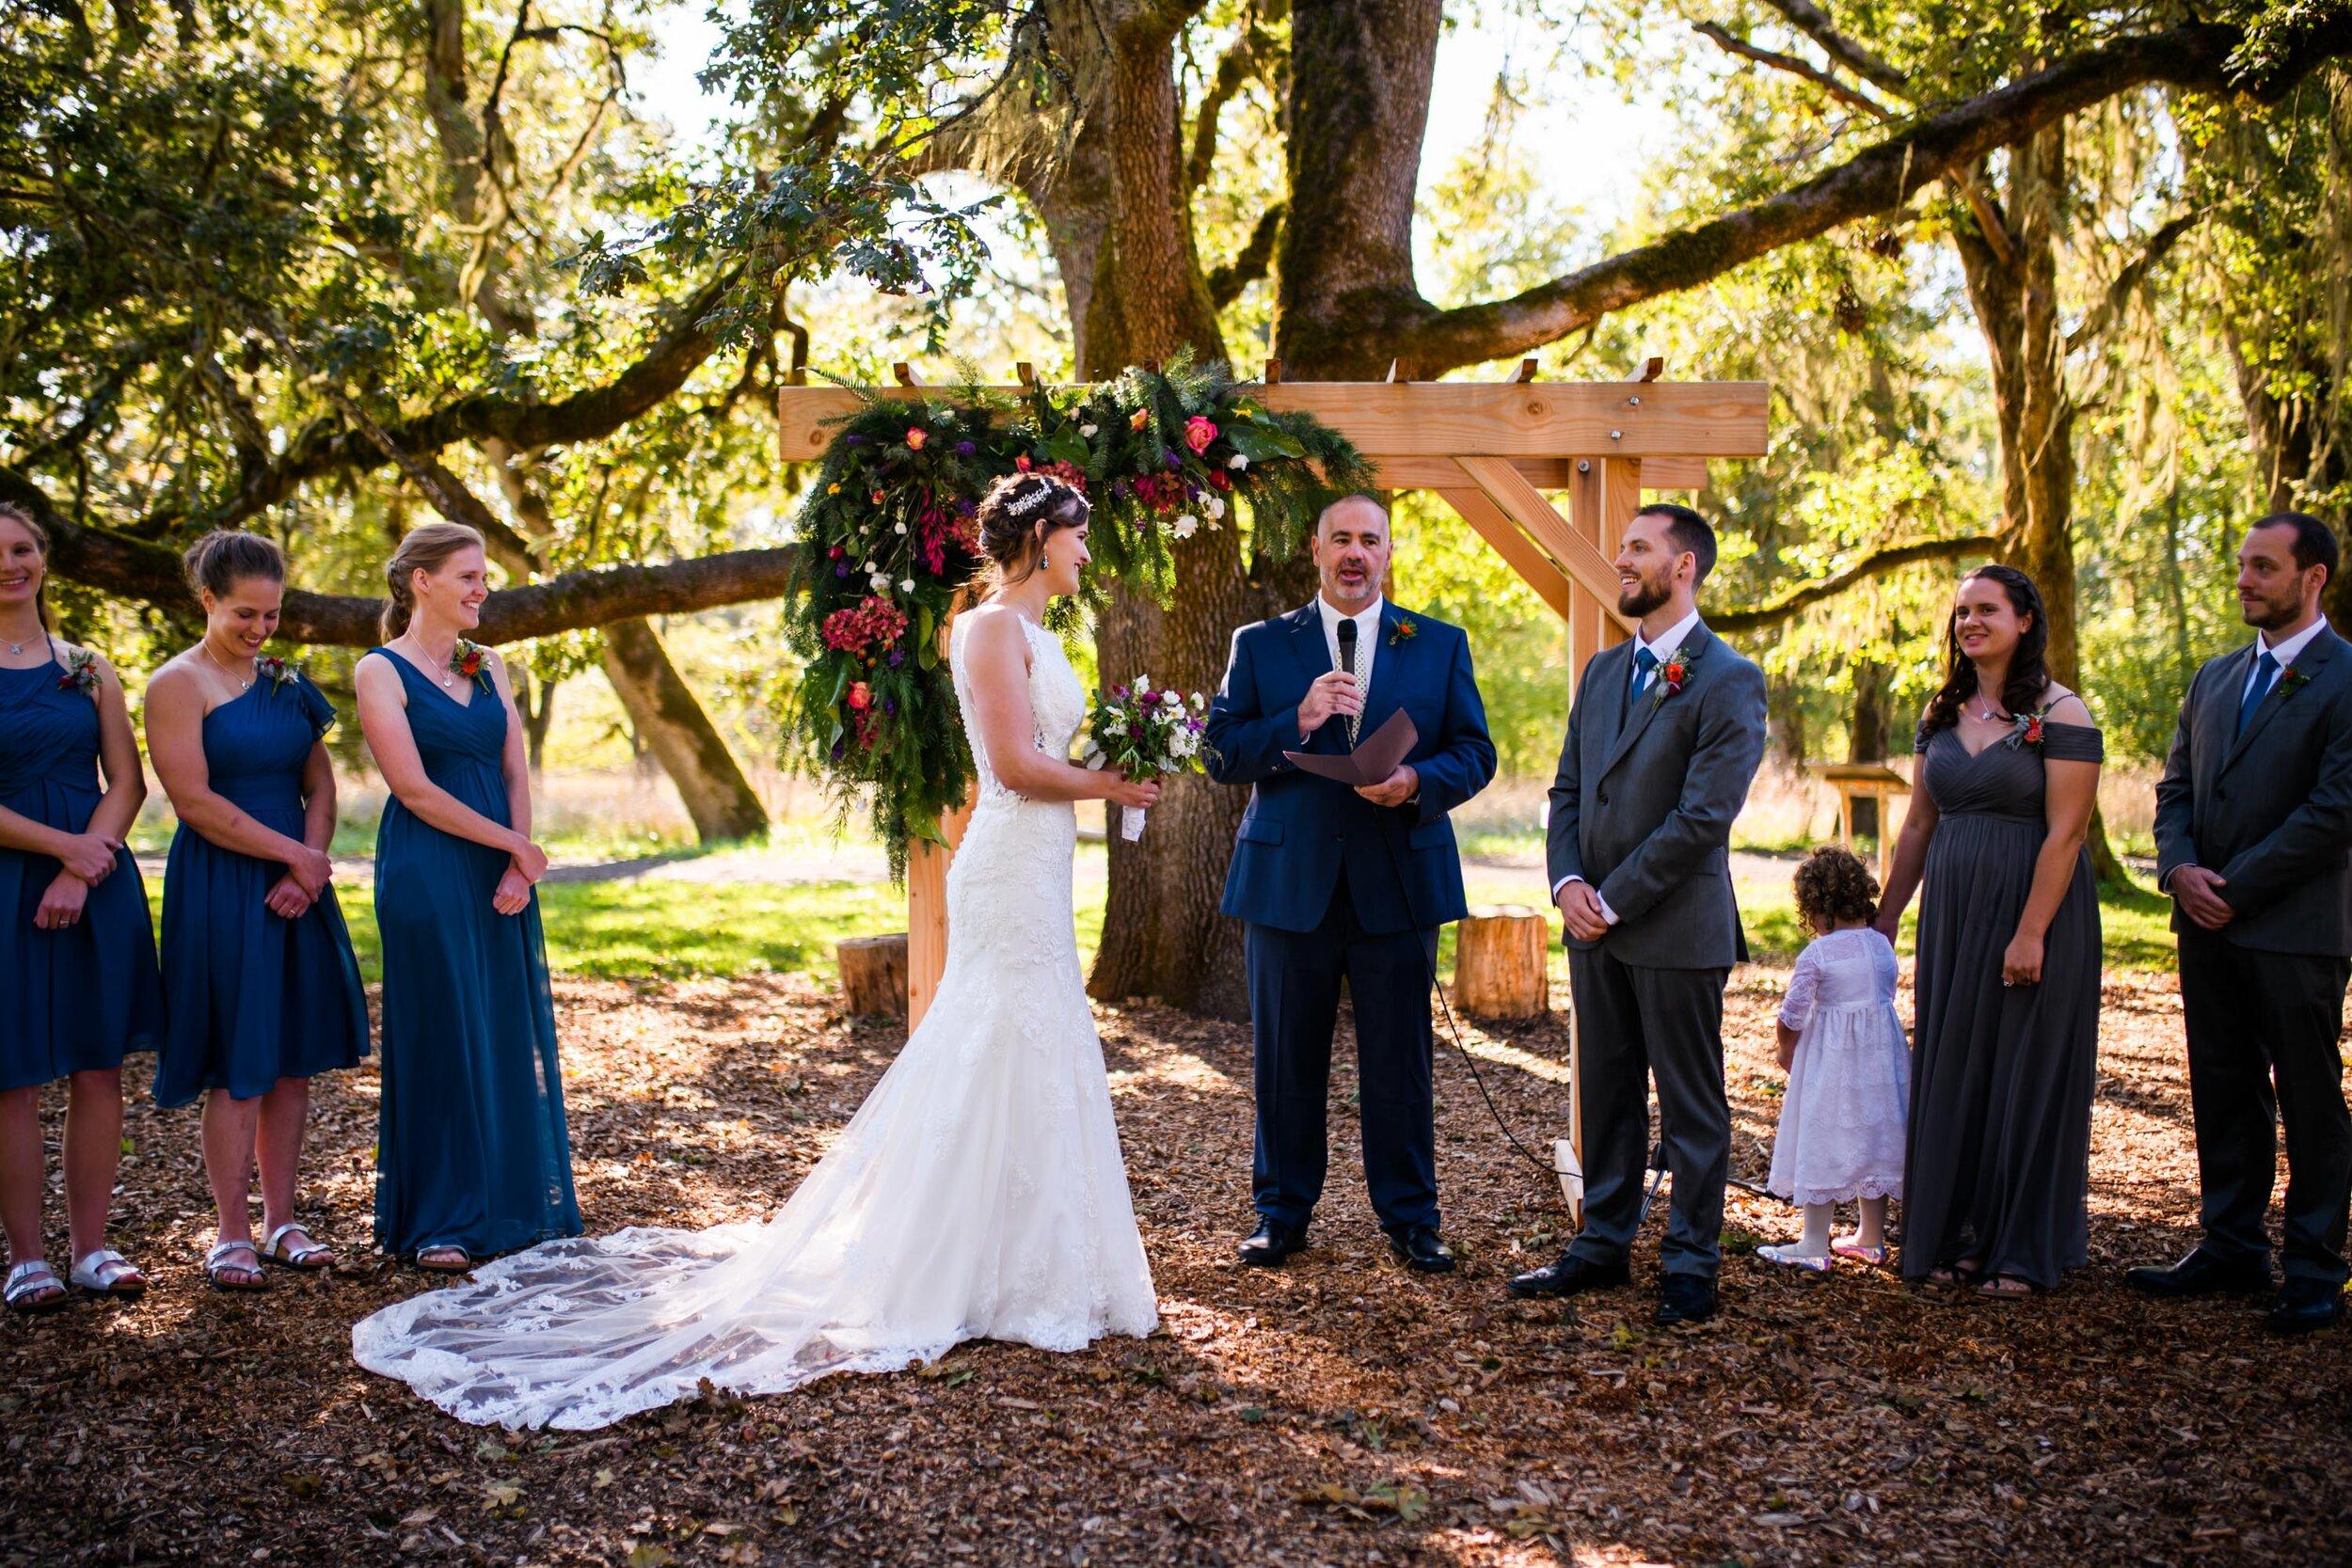 Mt. Pisgah Arboretum wedding photos 77.JPG